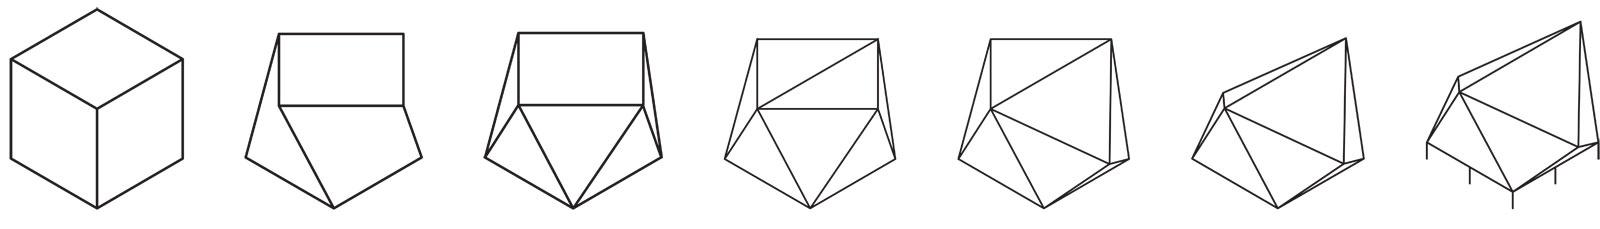 004-Esquemas-Desarrollo-Geometrico